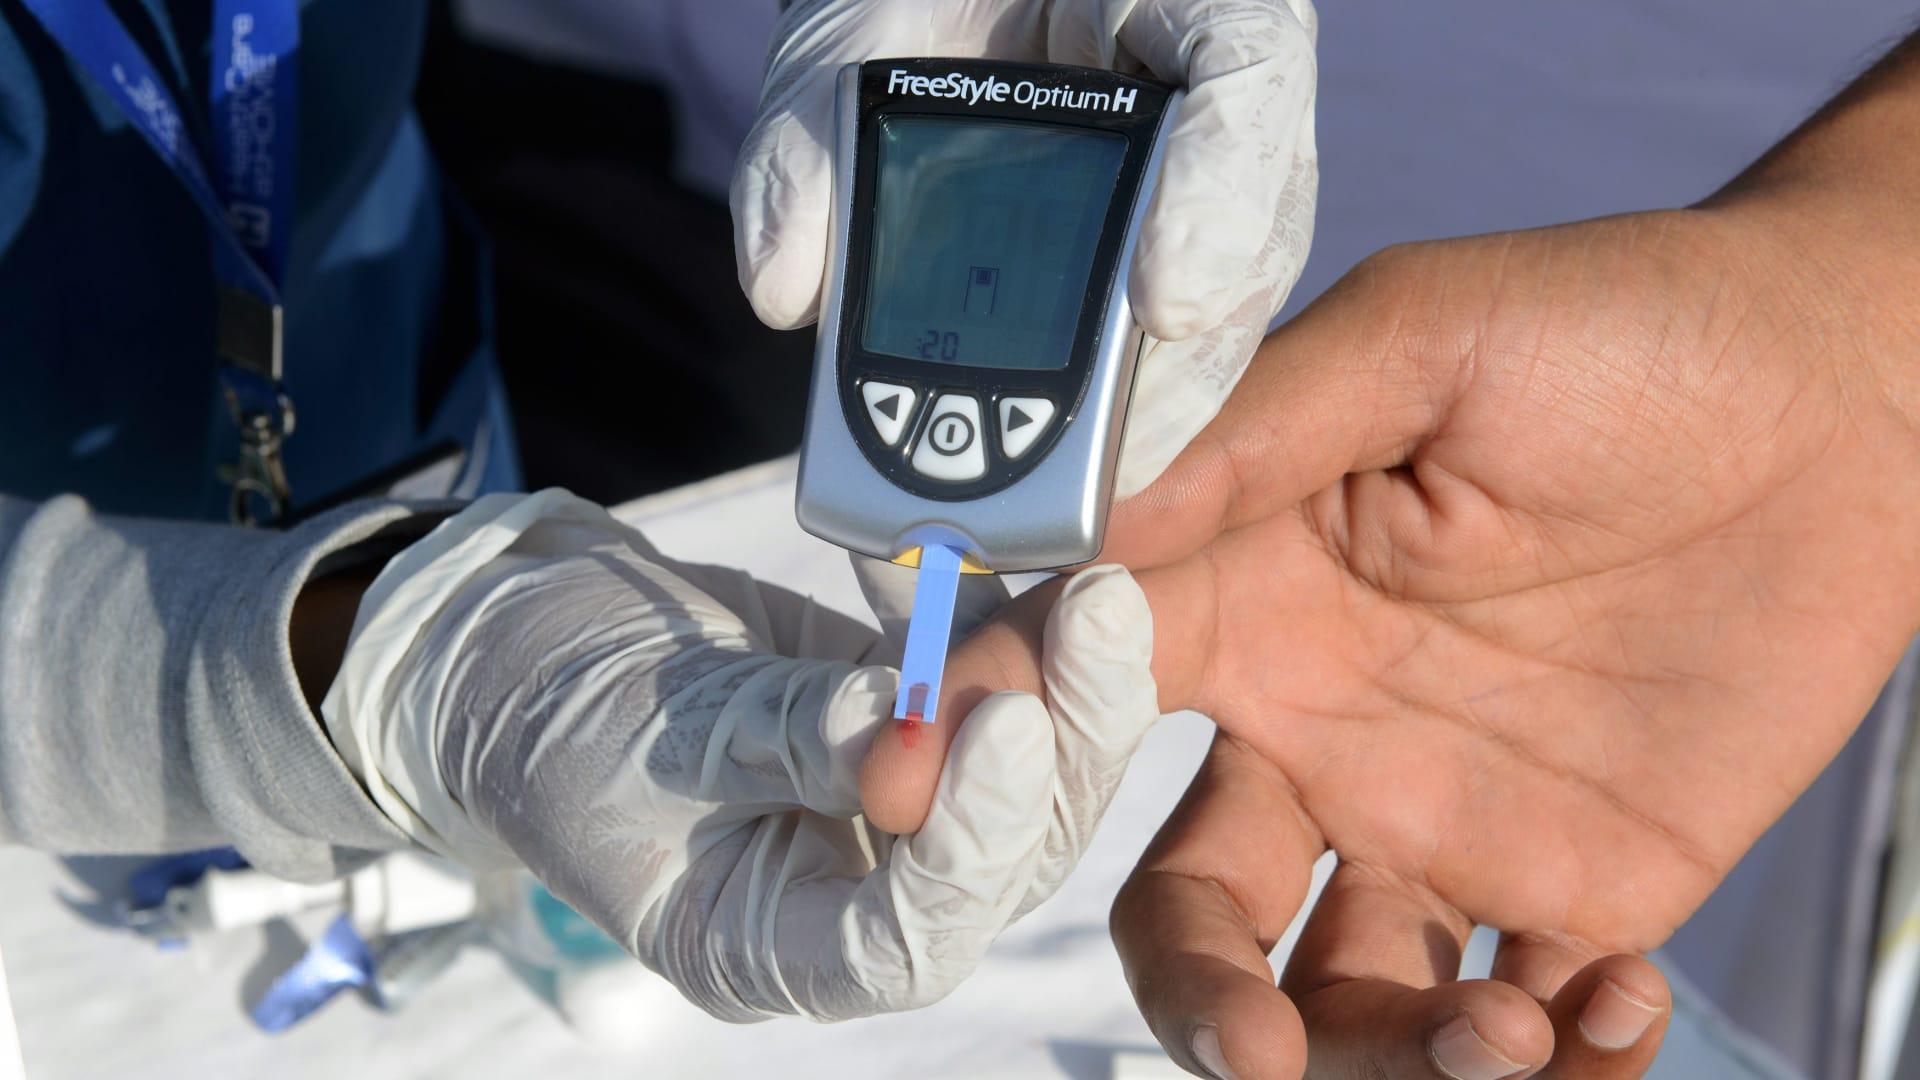 7 خطوات لبدء خطة علاج ناجحة لمرض السكري